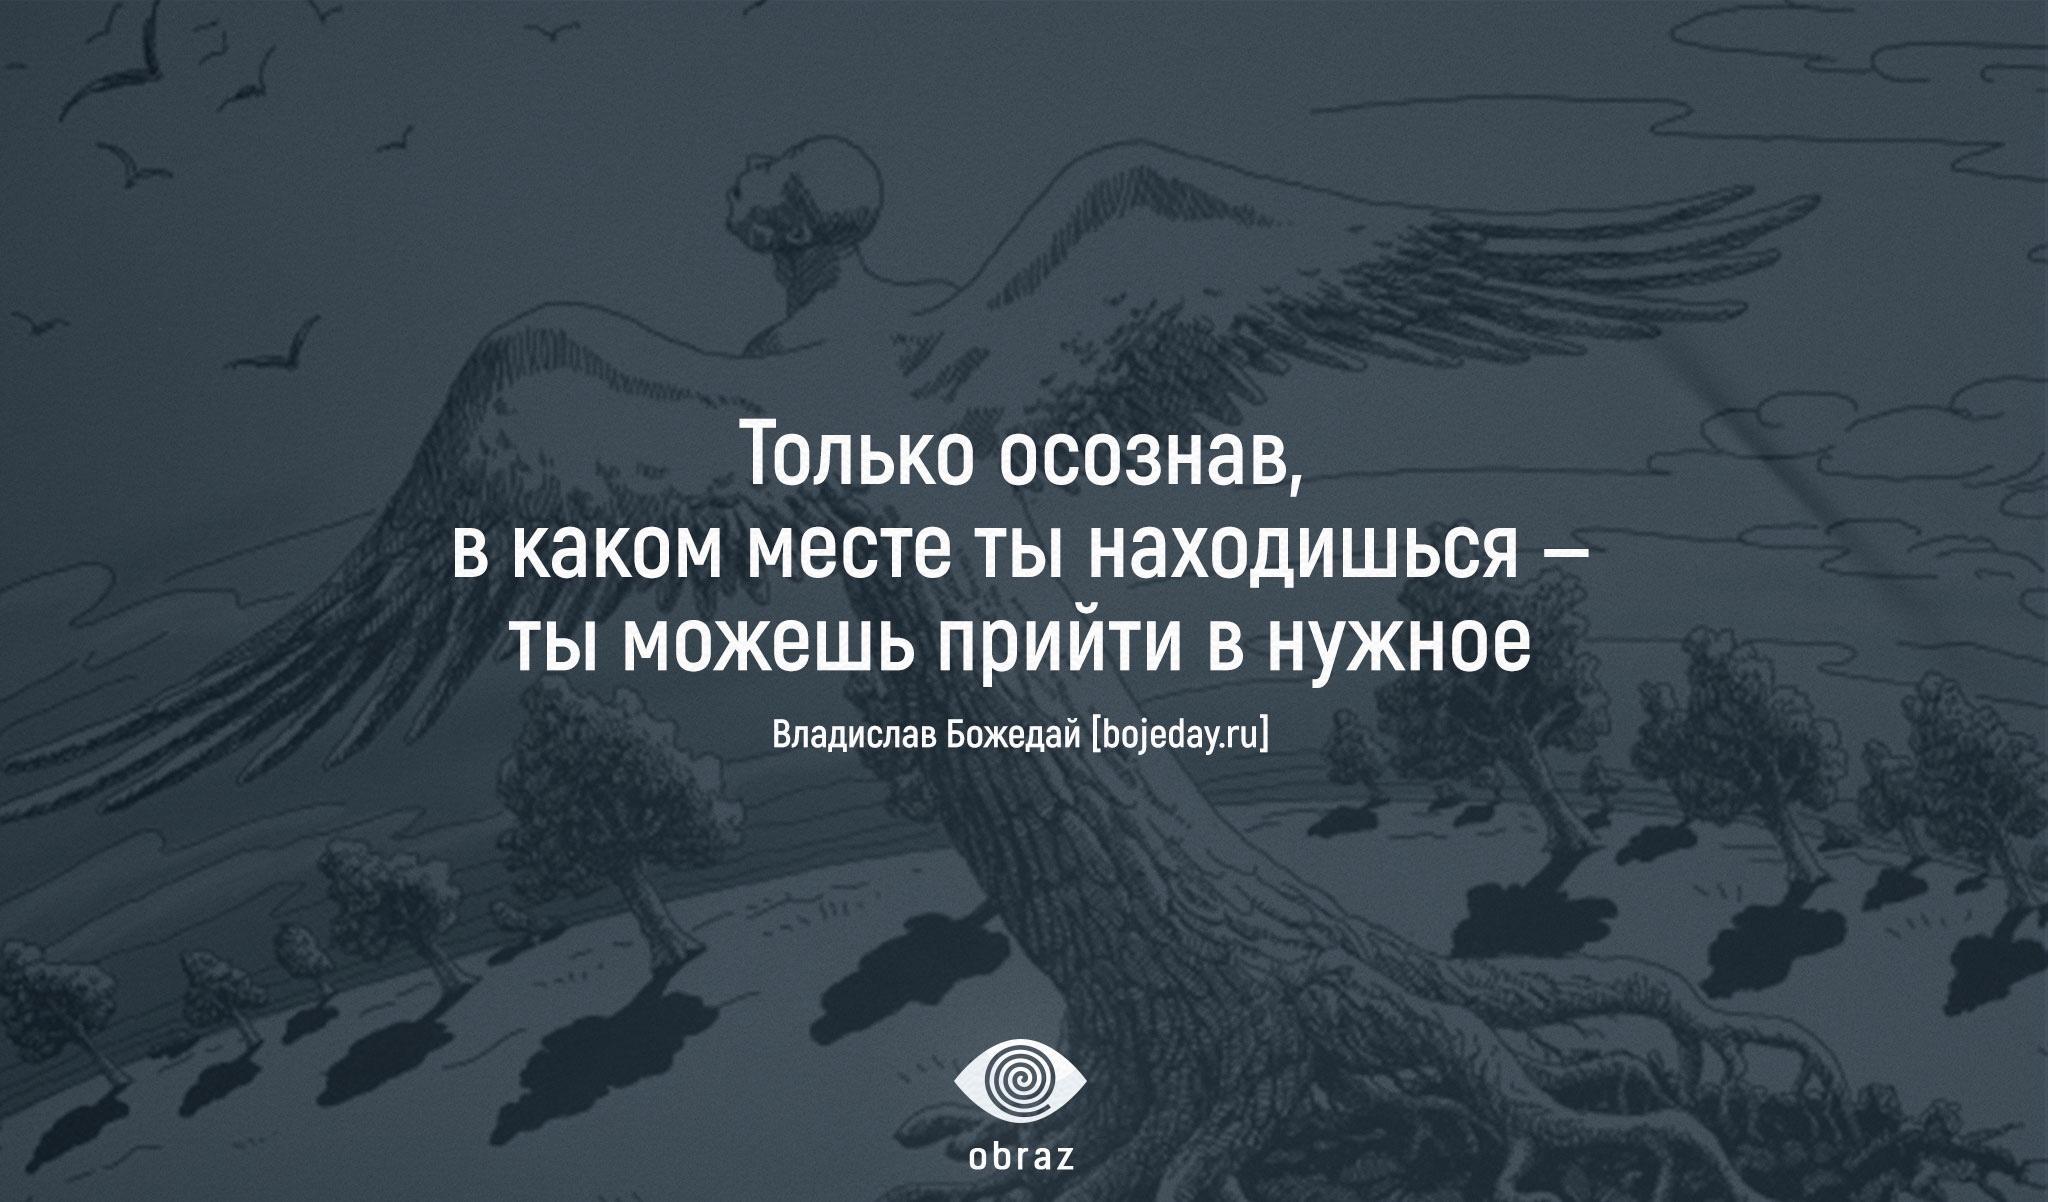 Email:learningkurakov@gmail com3292 txwzsx.c9mtjra4i